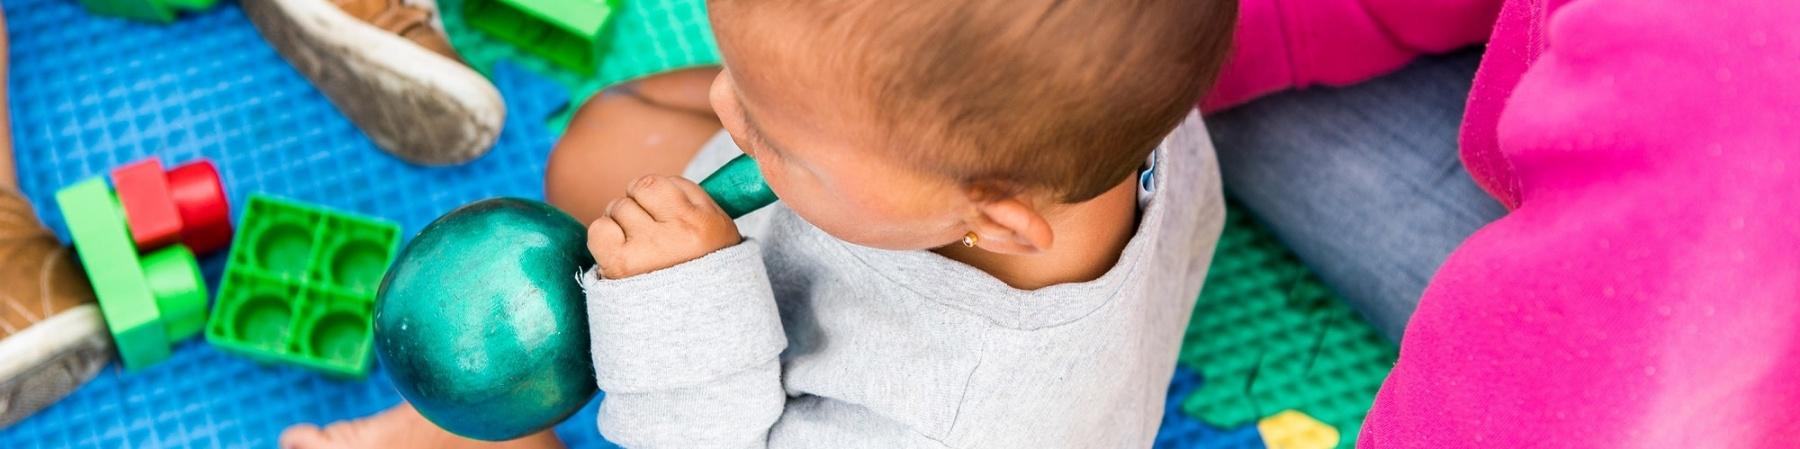 bimbo seduto su un tappeto colorato di gomma che gioca insieme alla sua mamma